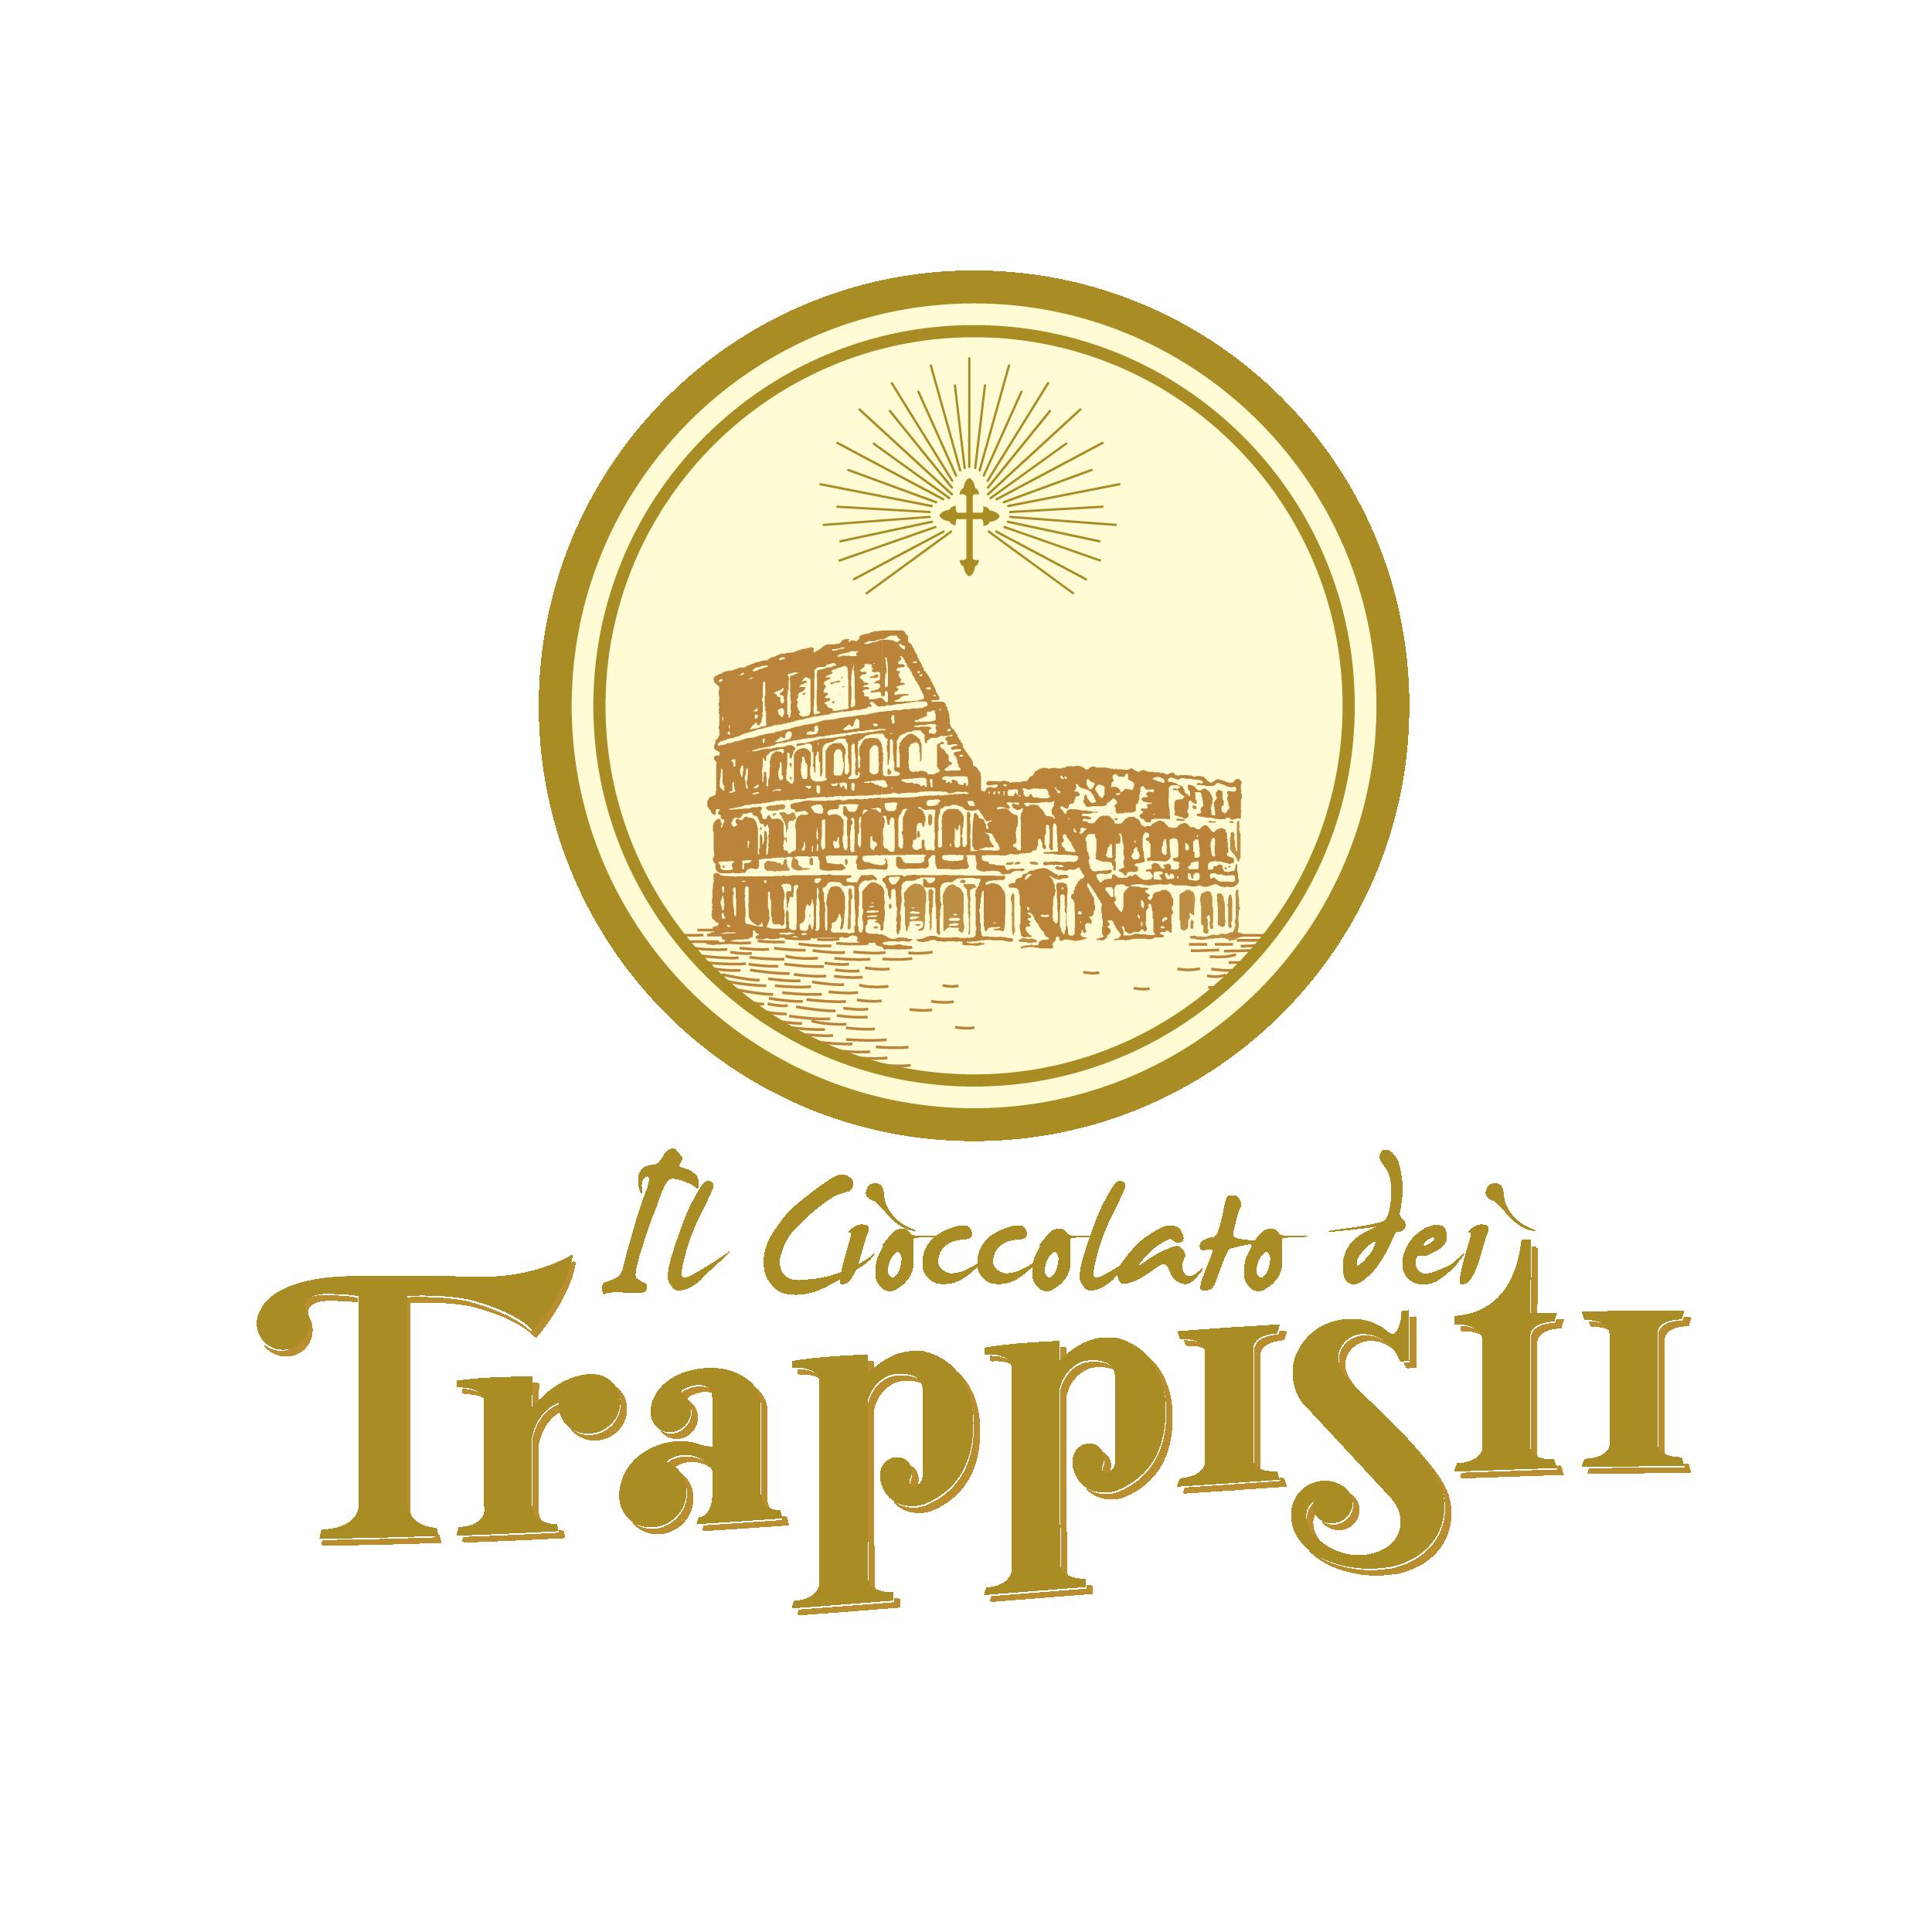 Il Cioccolato dei Trappisti